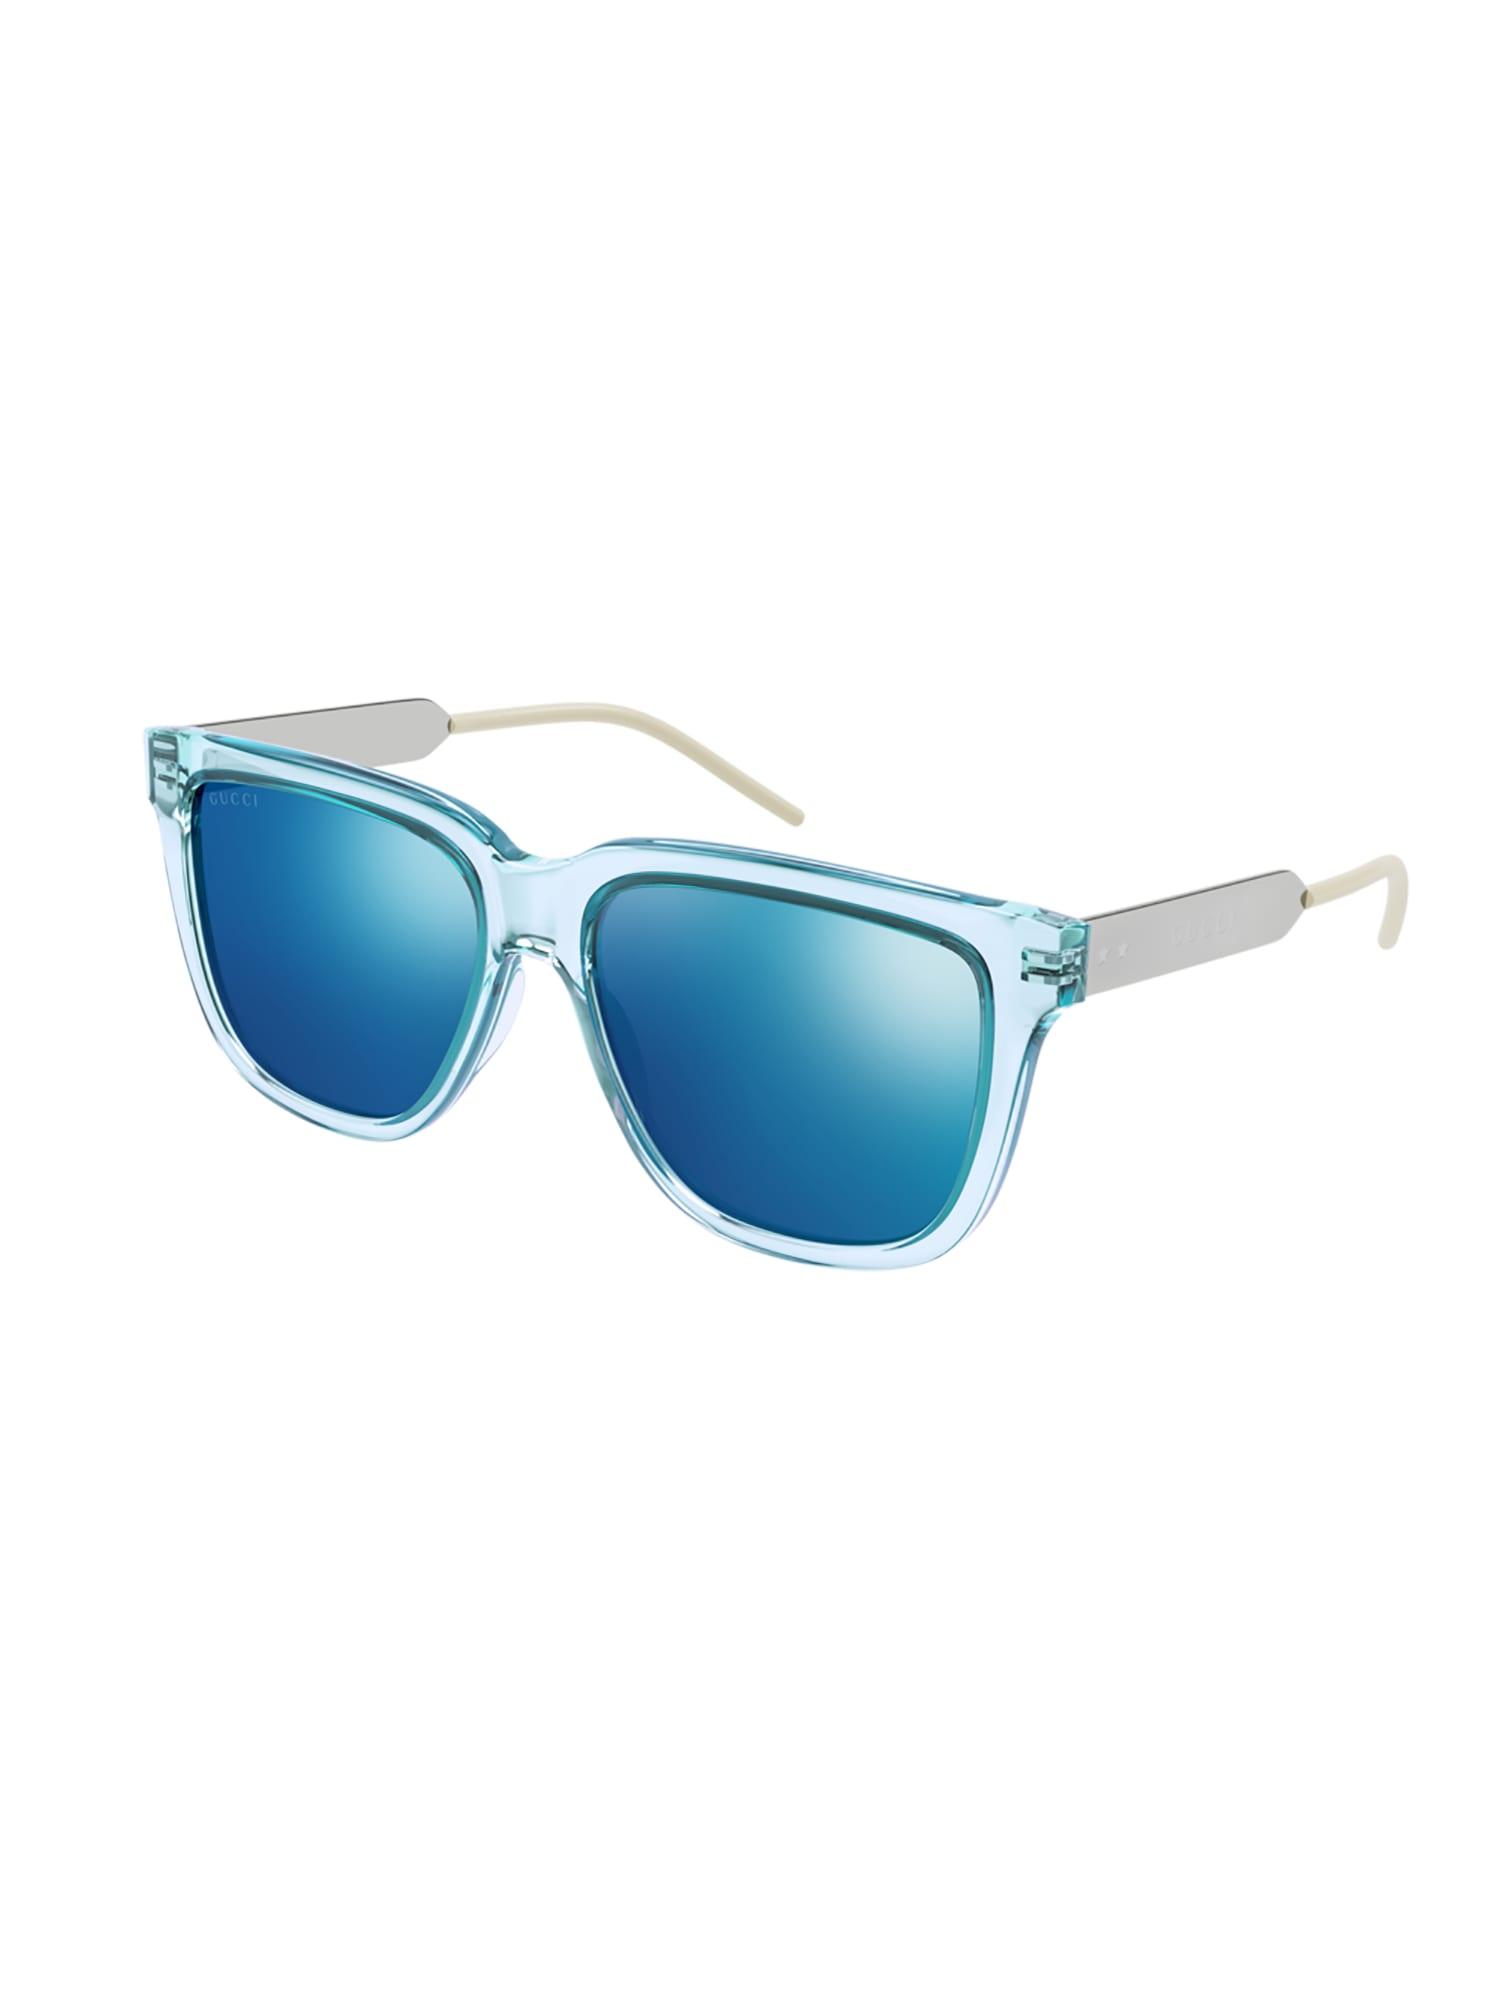 Gucci GG0976S Sunglasses